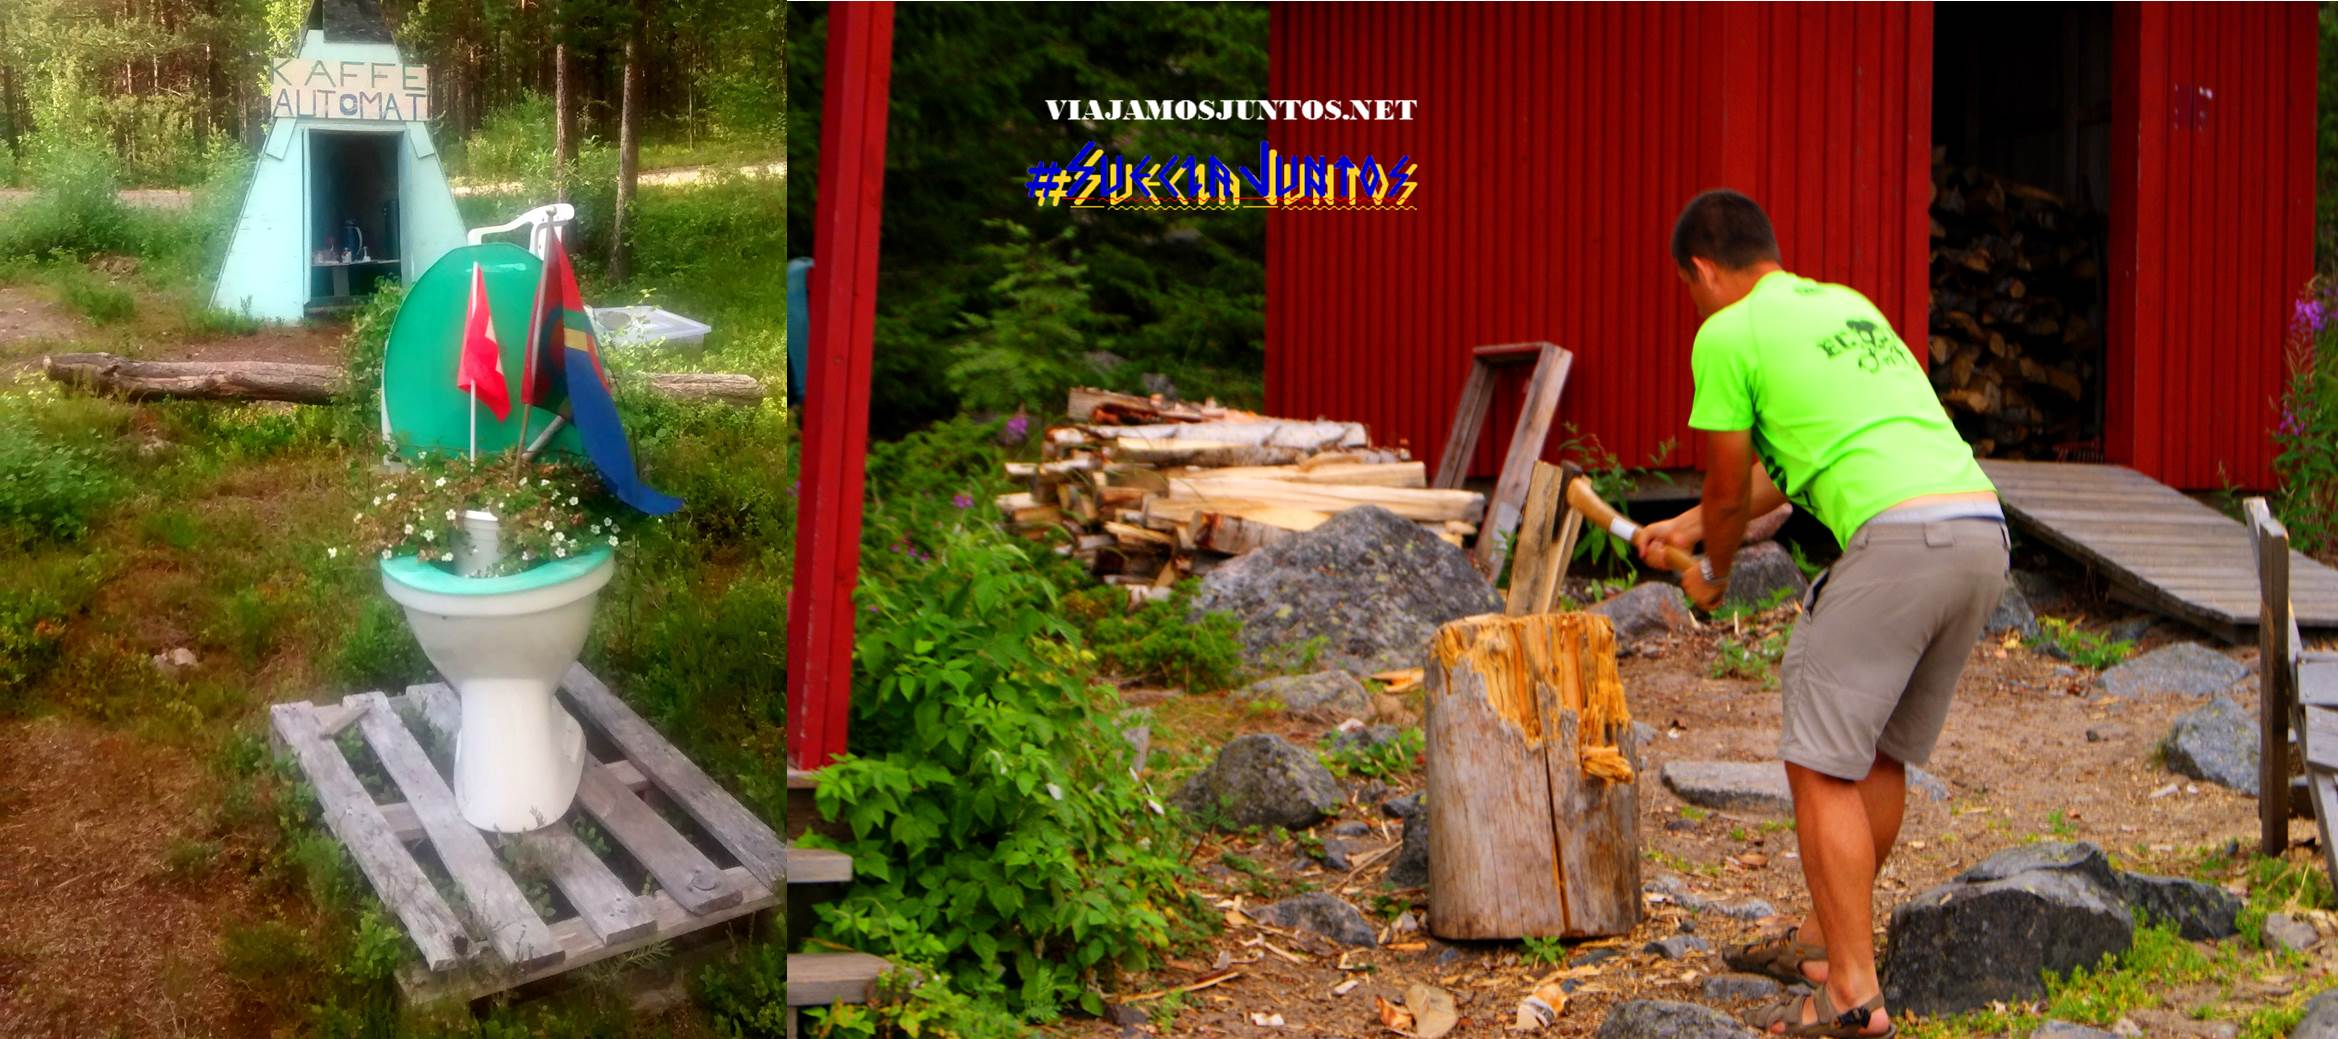 Kungsleden, Gällivare, Suecia, fjordos, lagos, naturaleza, viajar por libre, vistas, paisajes, Laponia Sueca, inspiración